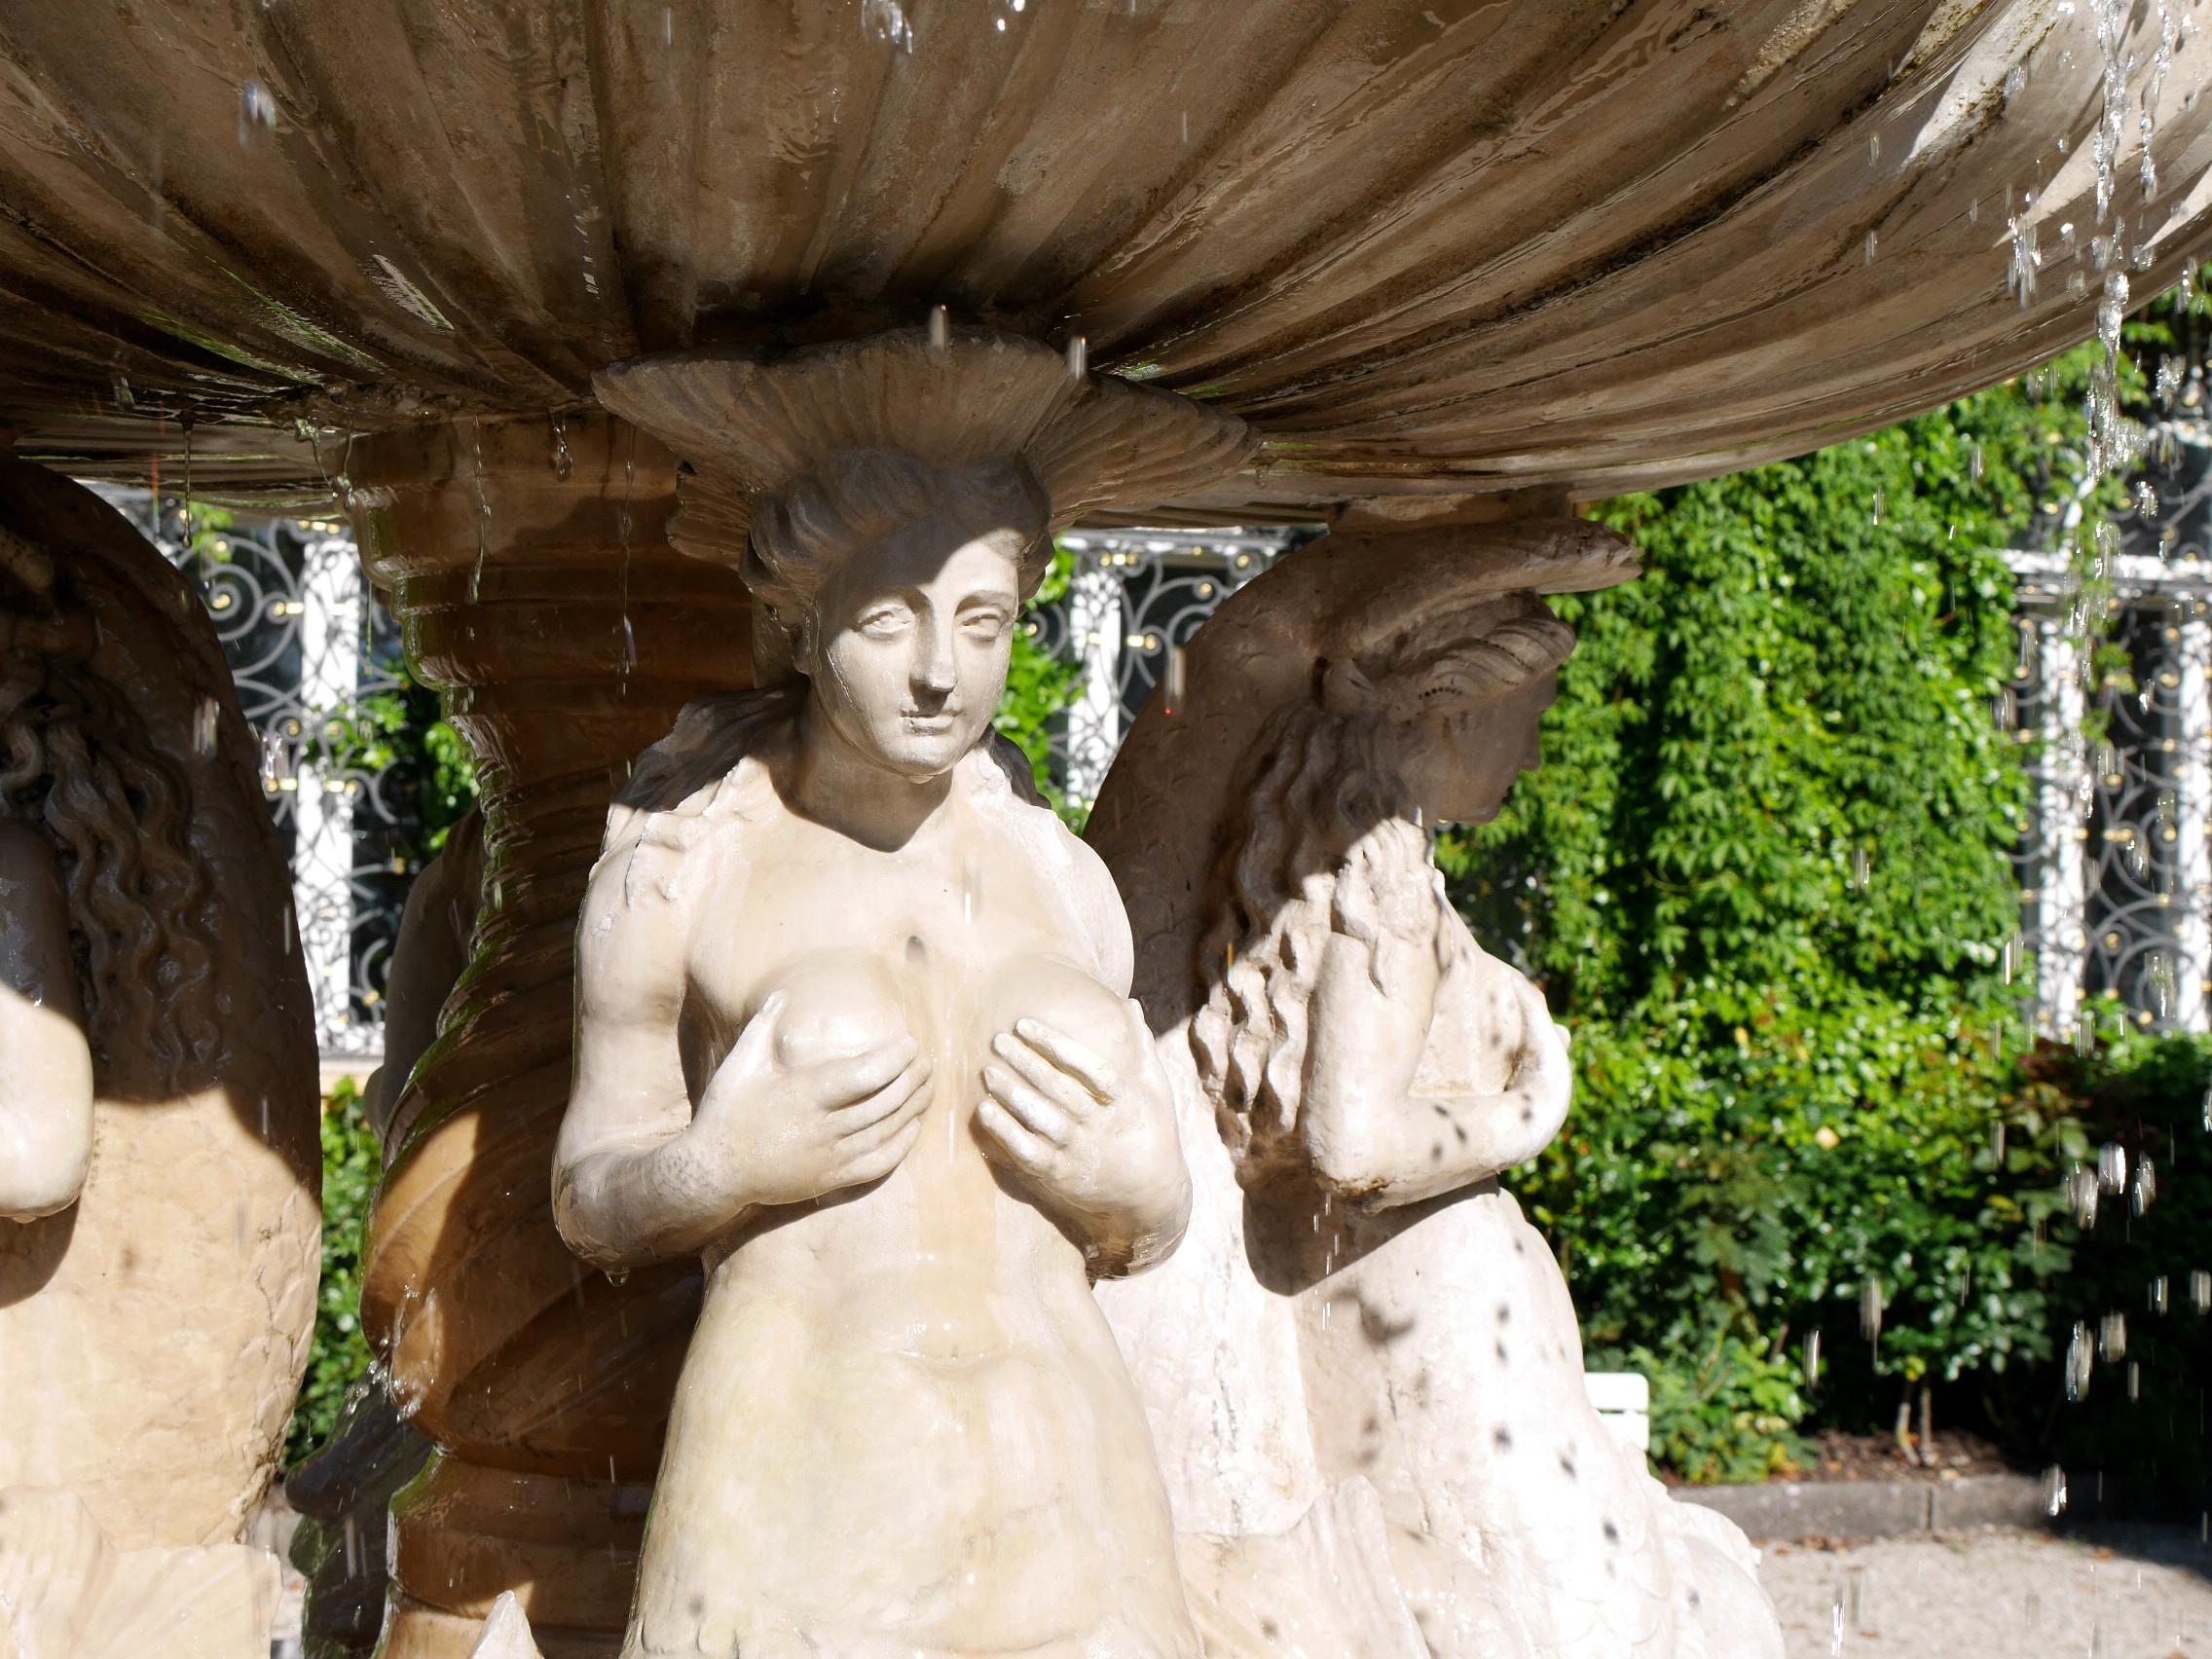 Sonnenschein und Brunnen mit weiblichen Figuren, die ihre Brüste in die Hand nehmen. Einer der Innenhöfe der Evangelischen Akademie in Tutzing.